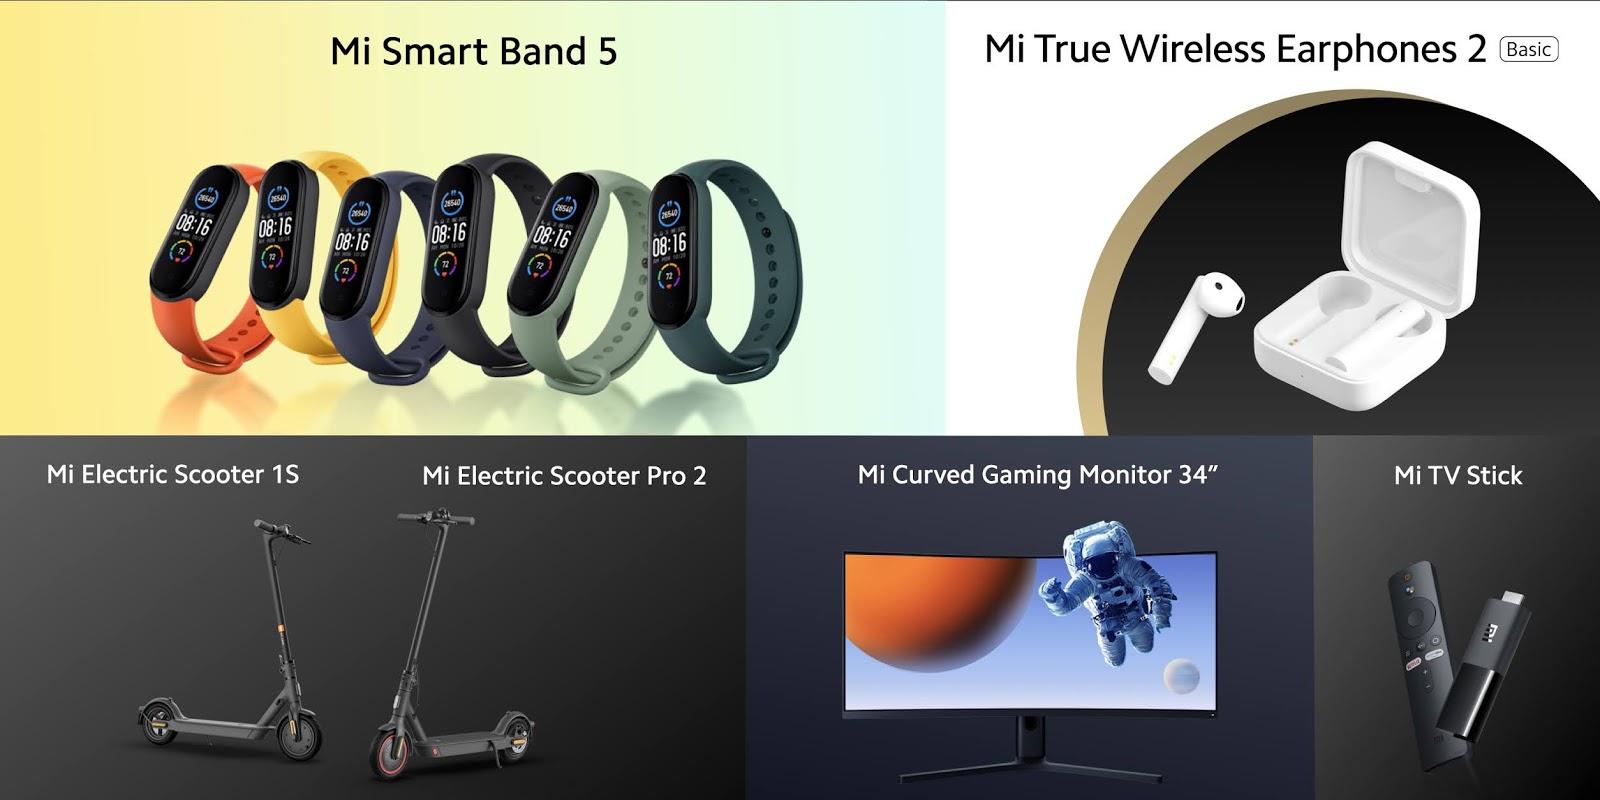 """พบกับสินค้ายอดนิยมในดวงใจเวอร์ชั่นล่าสุด Mi Smart Band 5 และ Mi Electric Scooter Essential พร้อมเปิดตัวอุปกรณ์ความบันเทิงใหม่ล่าสุดอีกมาย Mi True Wireless Earphones 2 Basic, Mi TV Stick และ Mi Curved Gaming Monitor 34"""" จาก Xiaomi"""